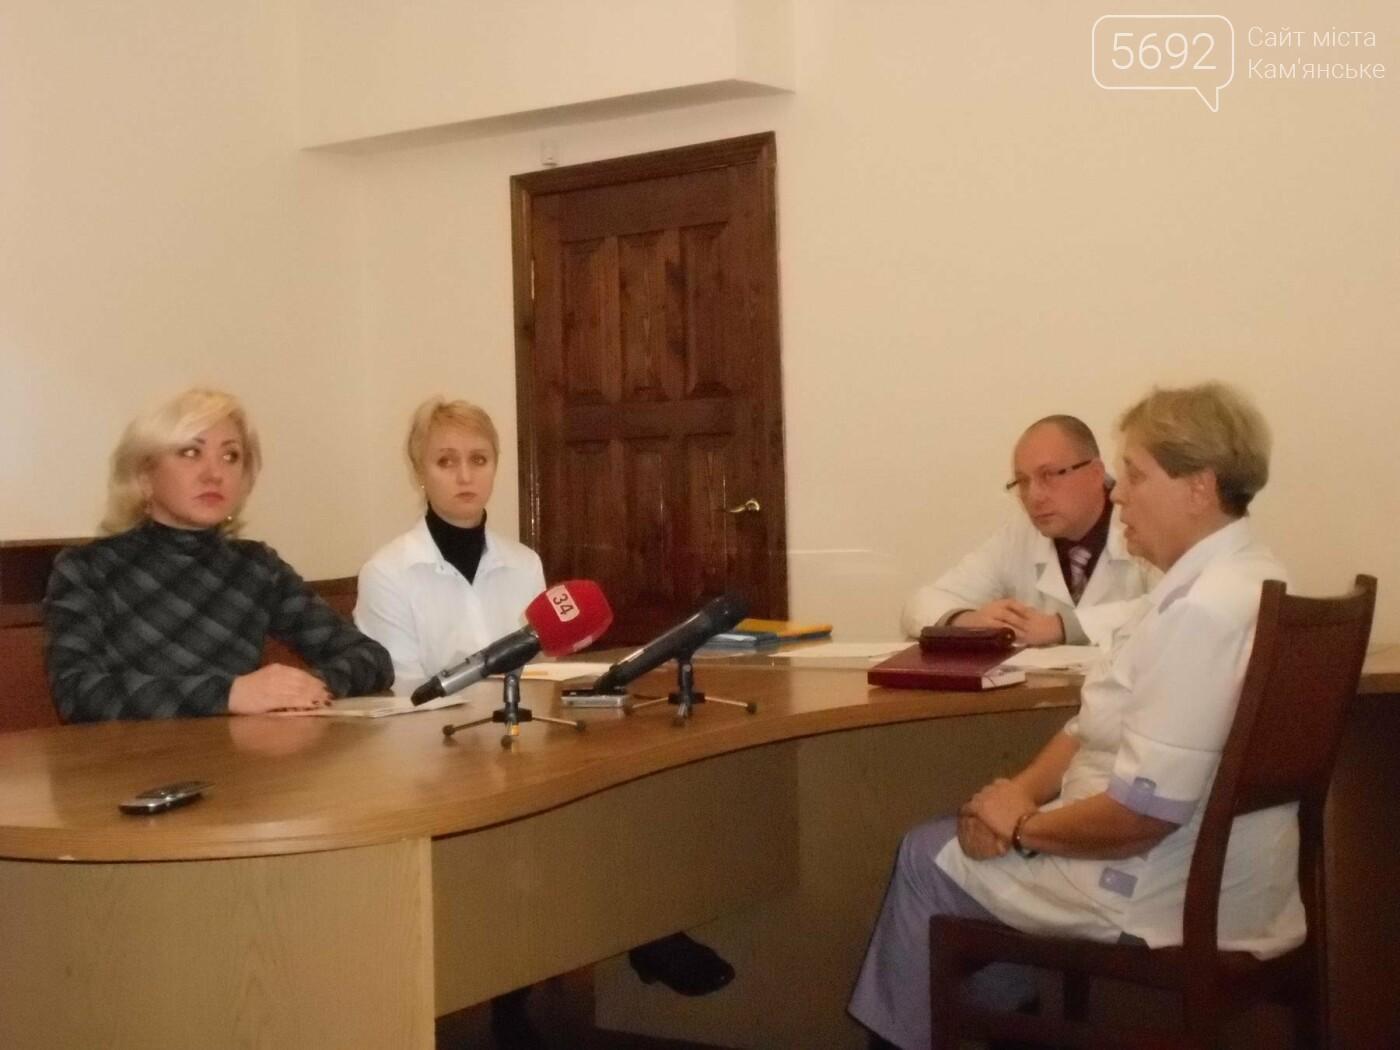 За смерть новорожденного врачи Каменского роддома получили выговор, фото-2